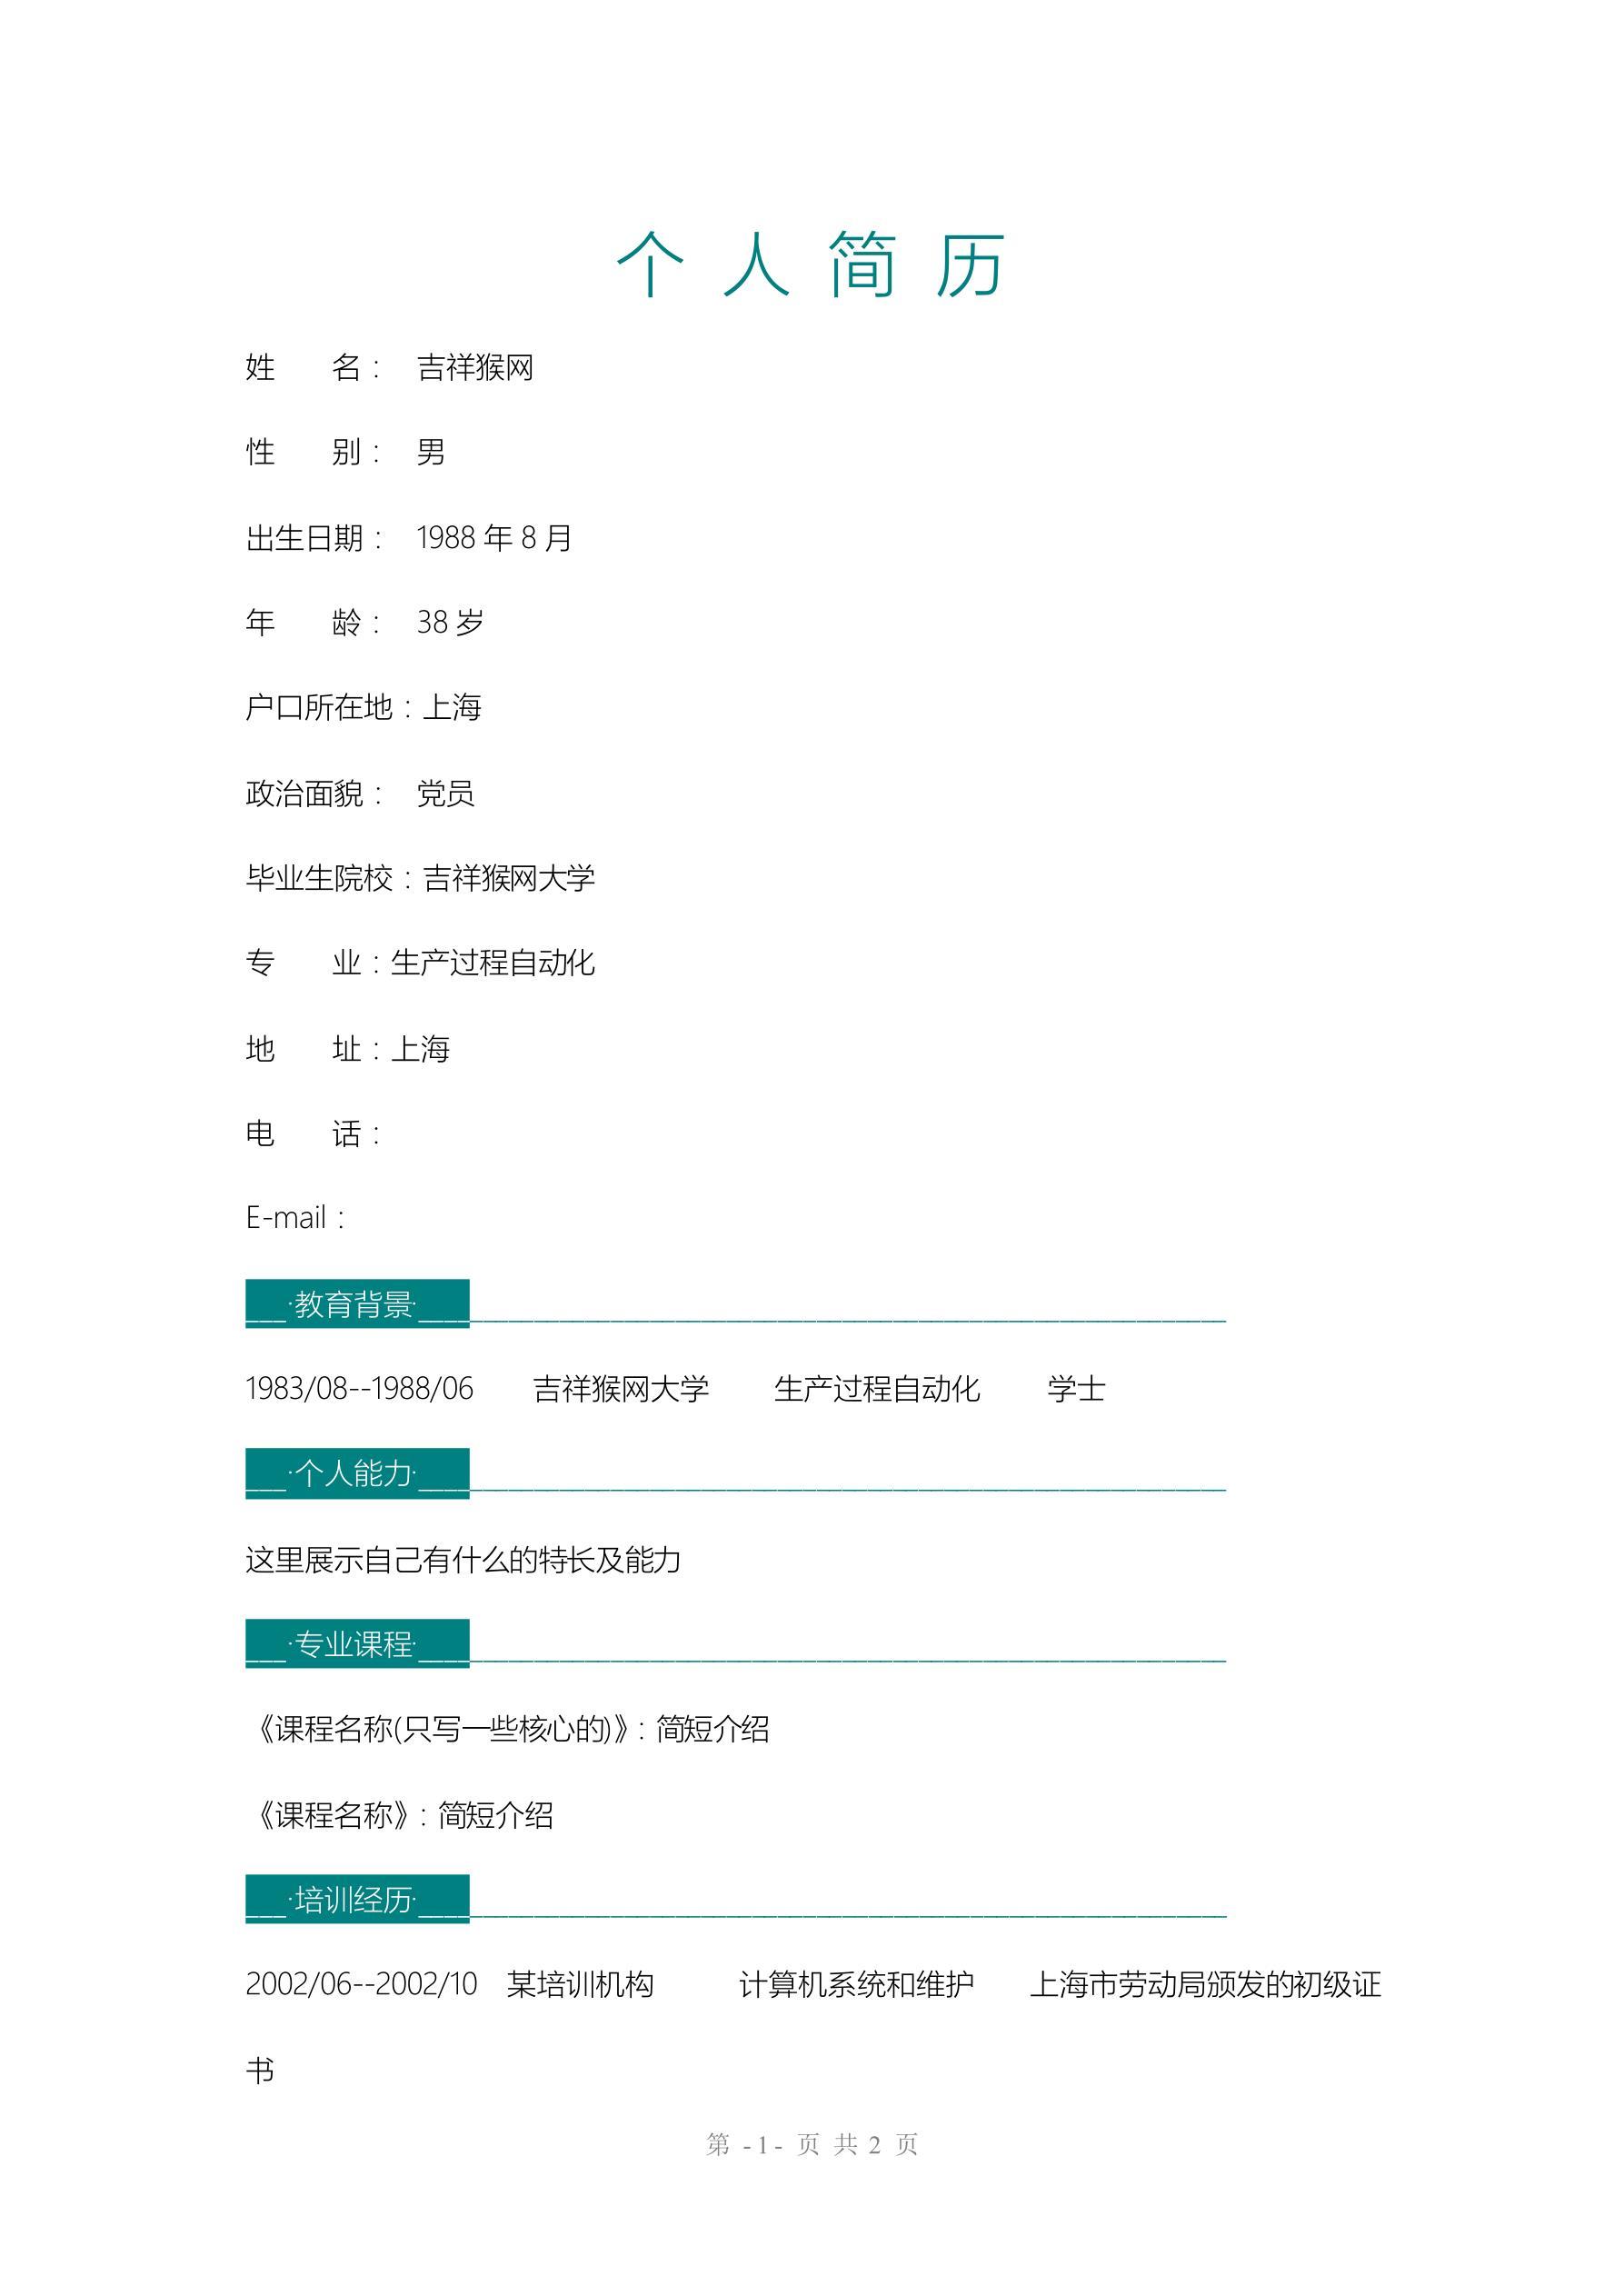 上海市生产过程自动化专业简历模板